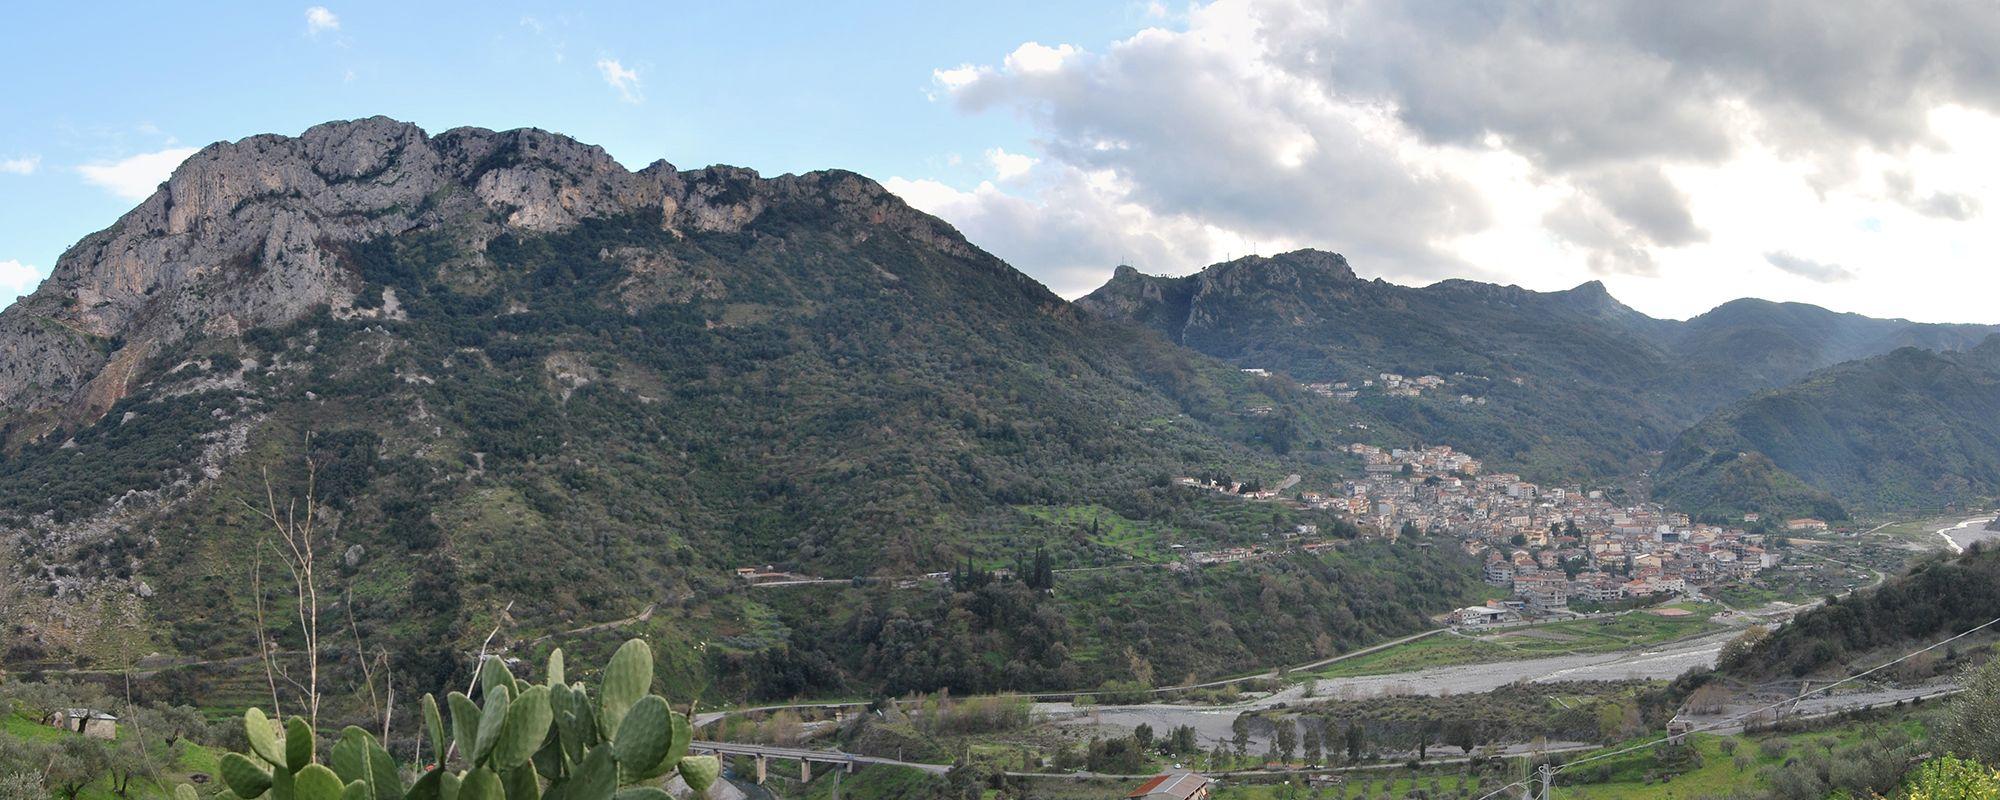 Apostoli; Panoramica su monte Consolino e su Bivongi